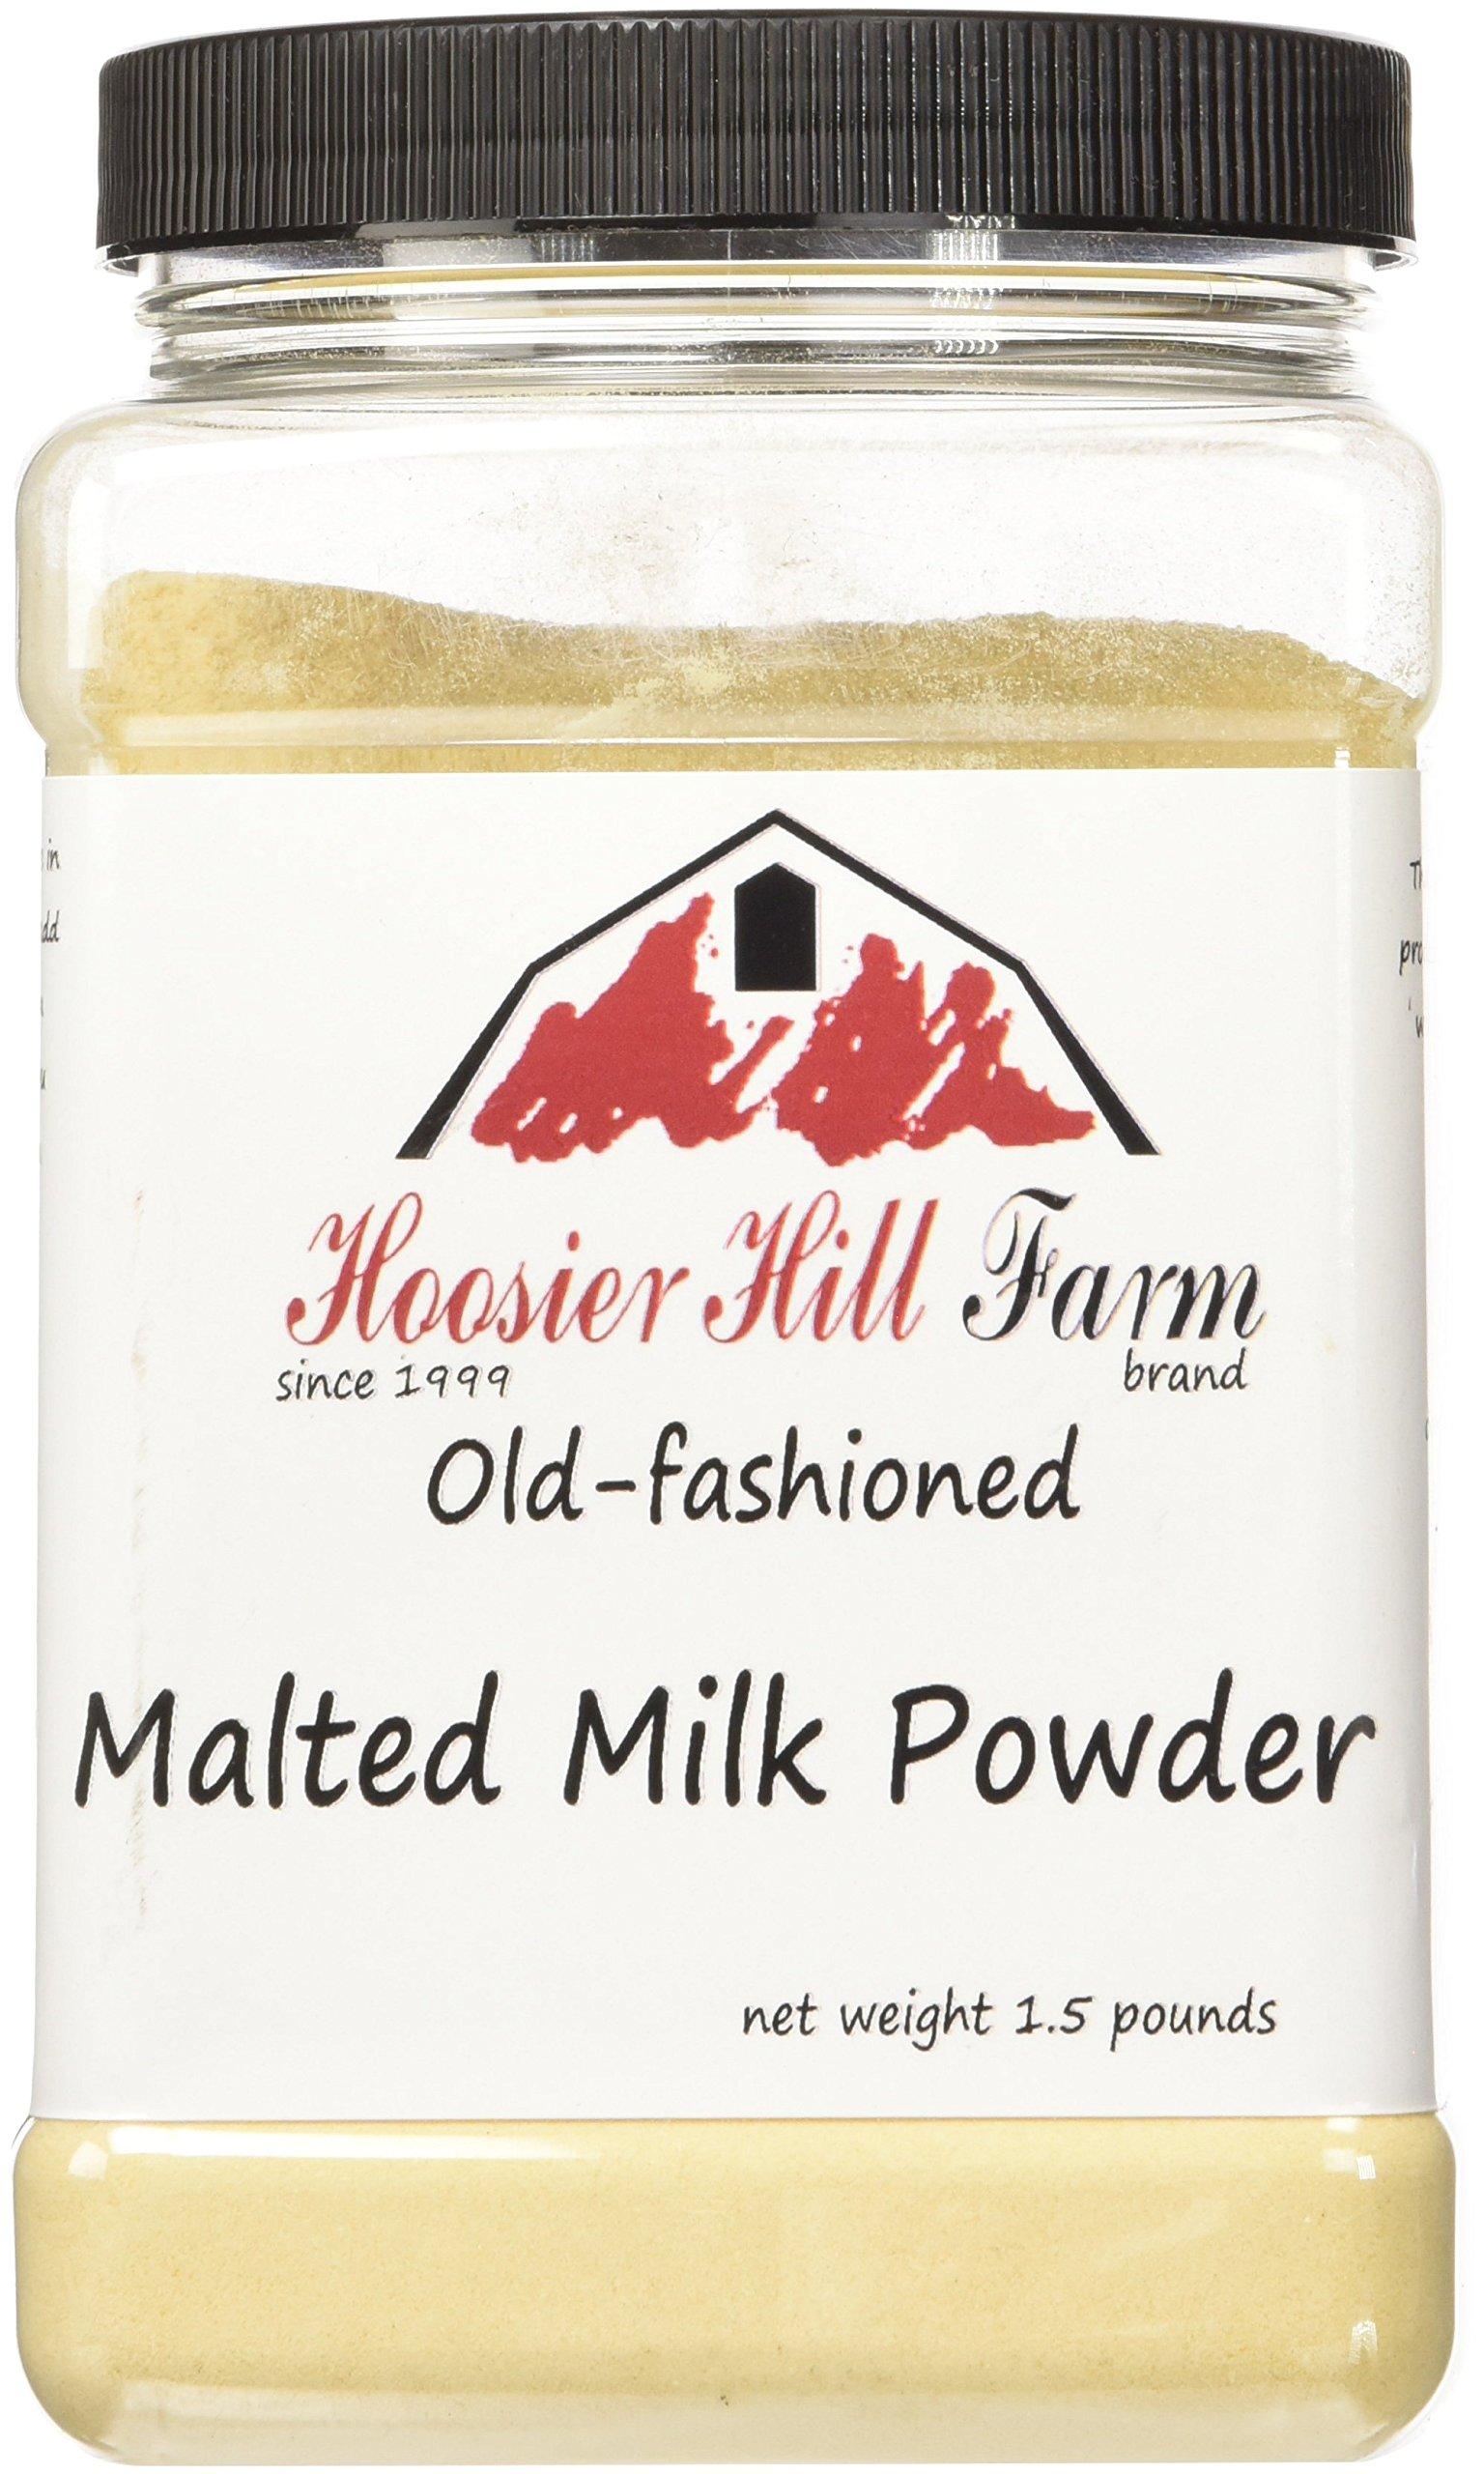 Hoosier Hill Farm Old Fashioned Malted Milk Powder